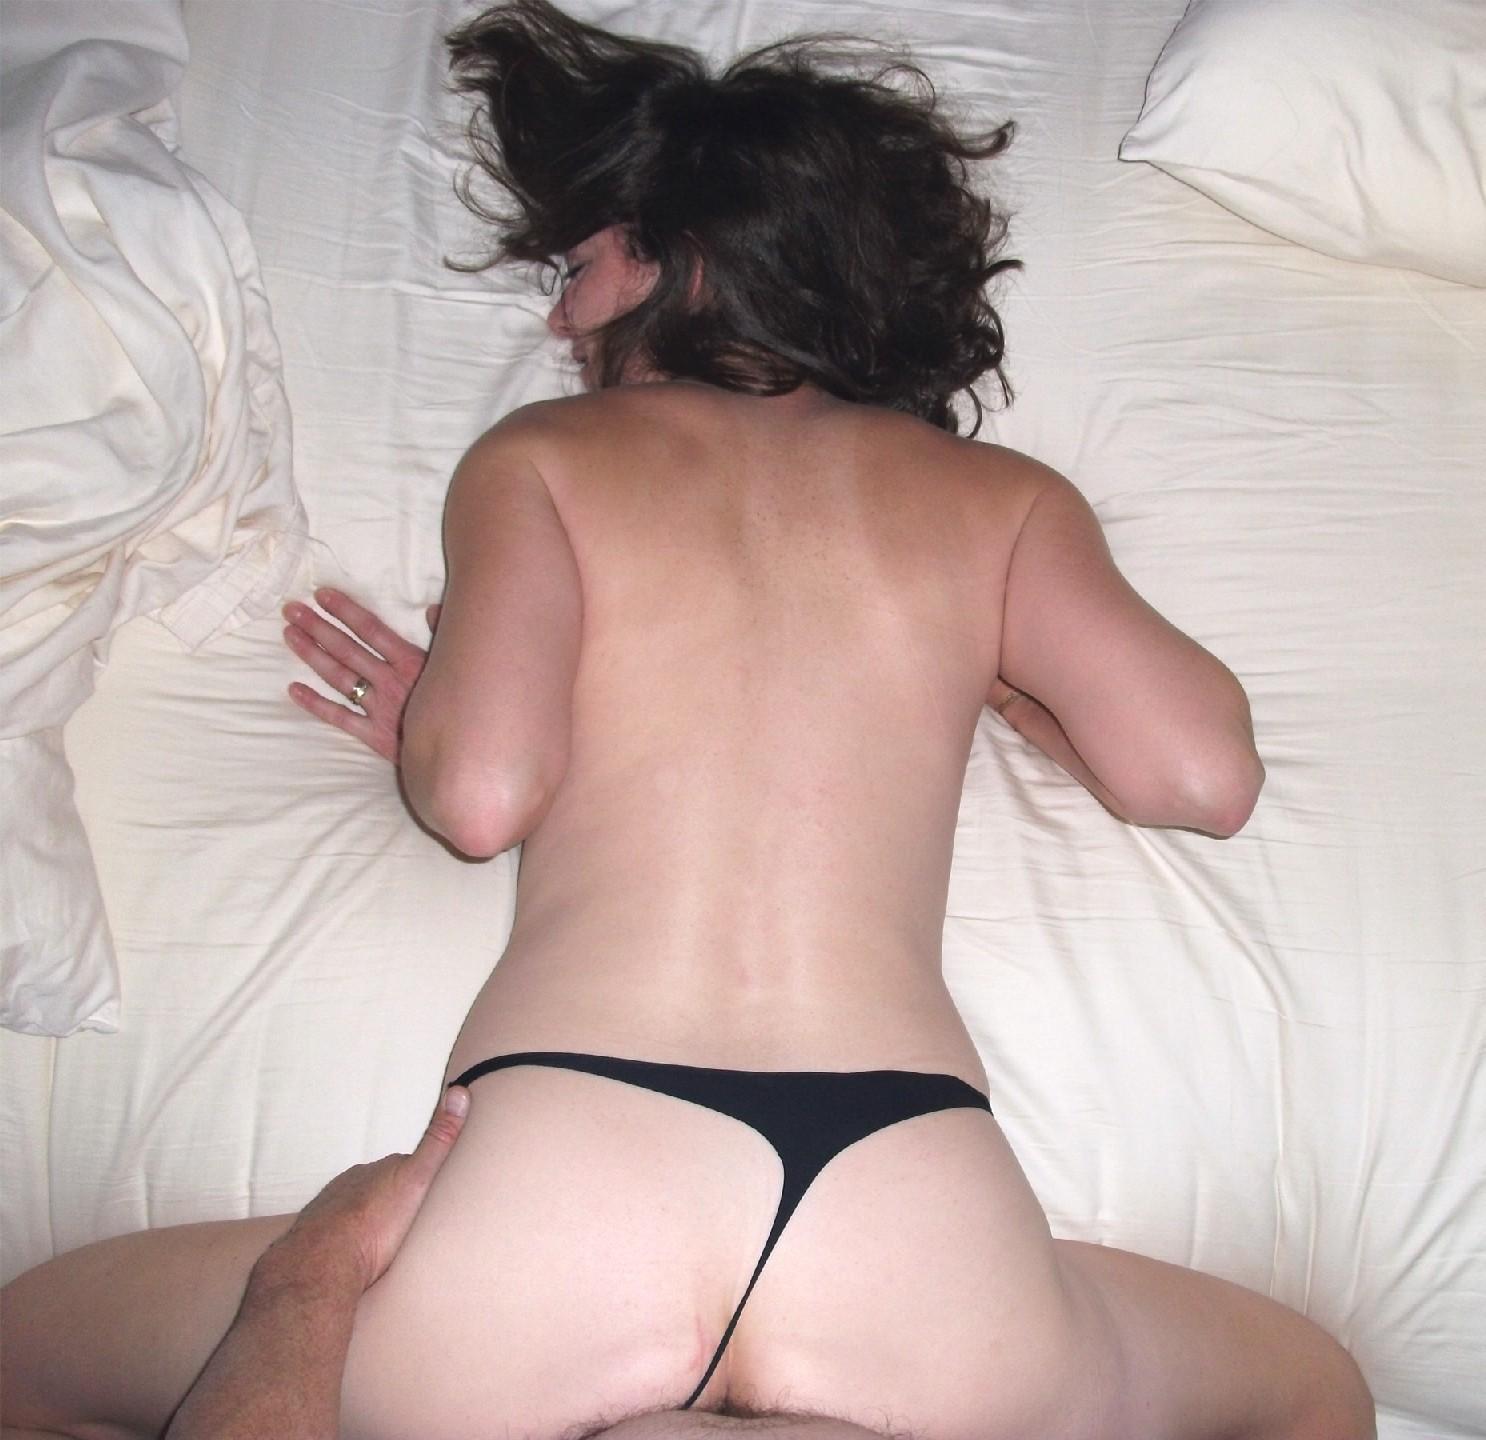 Опытная развратница не хочет, чтобы ее лицо попадало в кадр, а так она прочь съемки во время секса